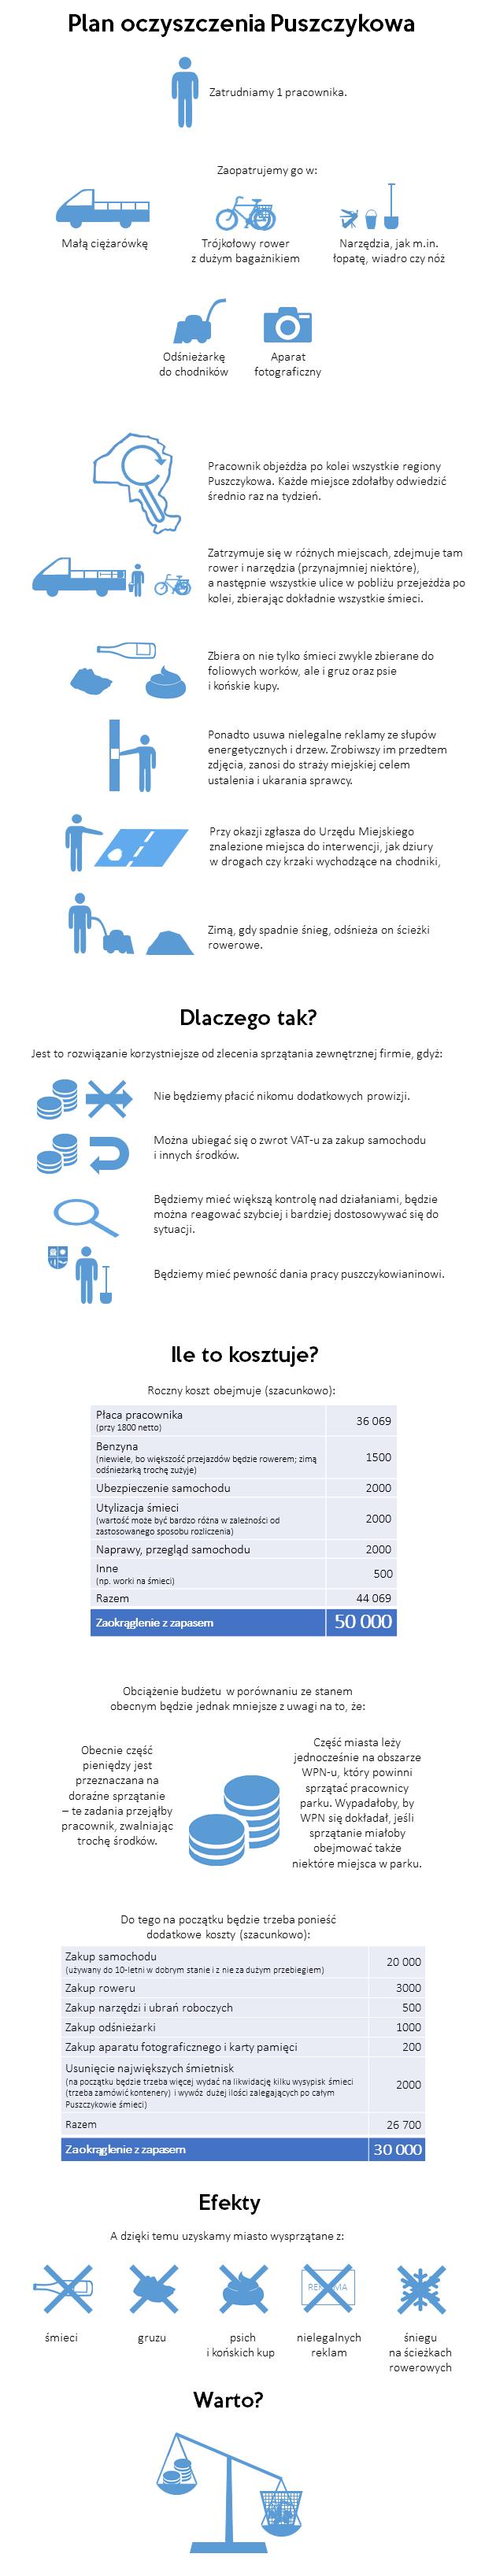 Plan oczyszczenia Puszczykowa